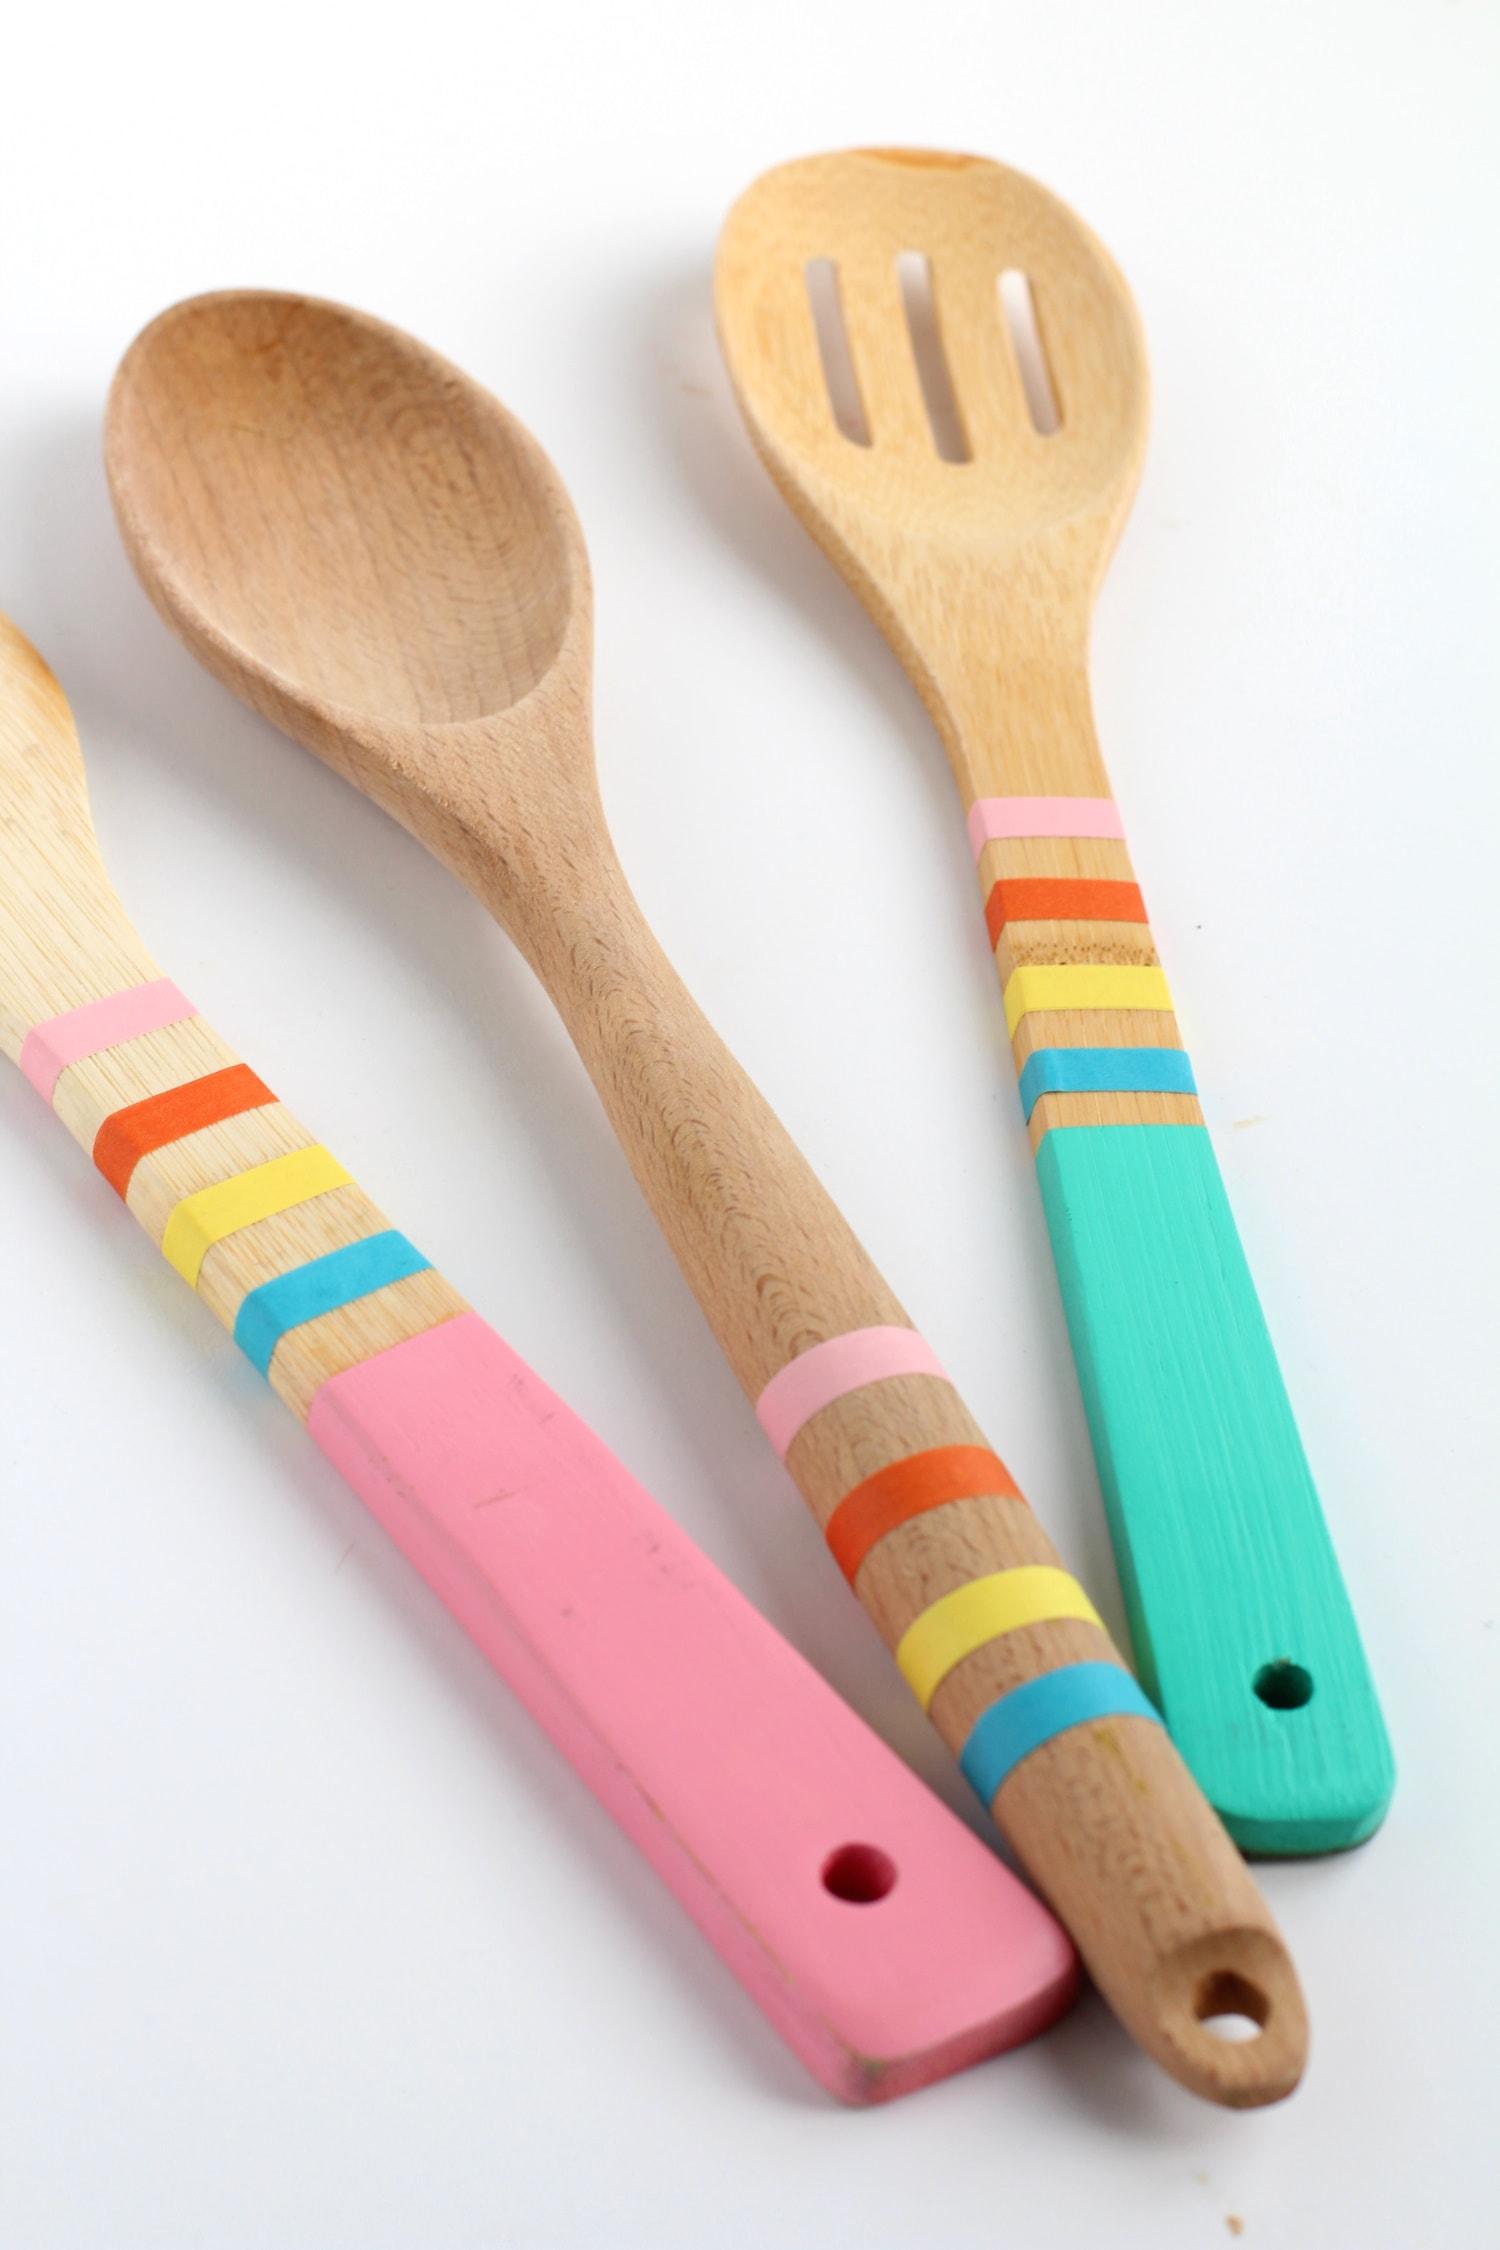 washi tape ideas kitchen utensils